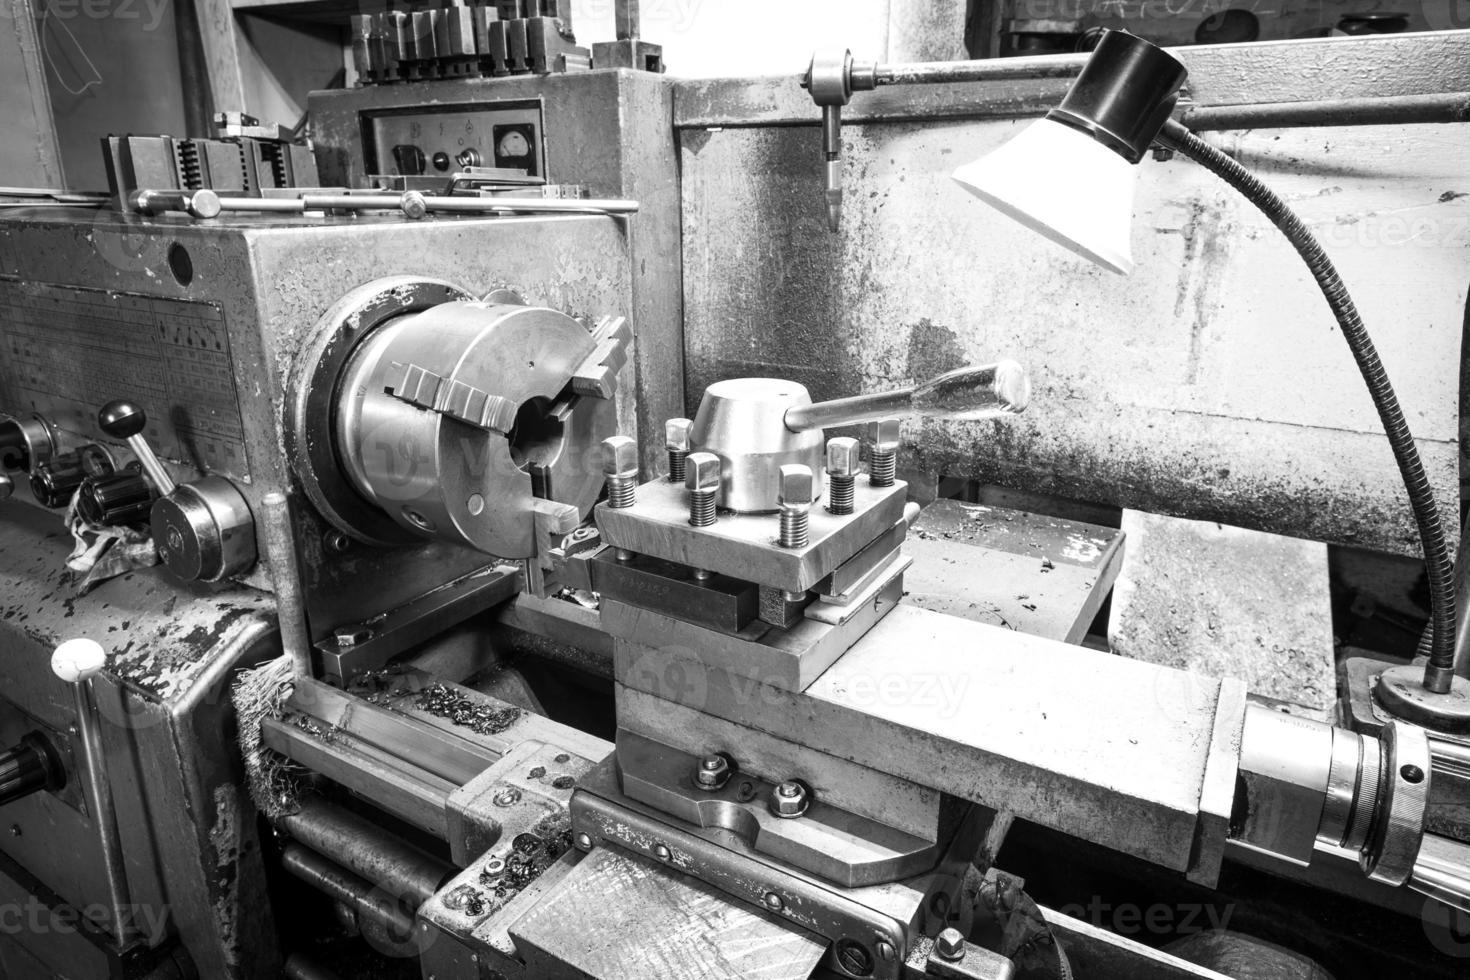 foto preto e branco de uma máquina-ferramenta de torno